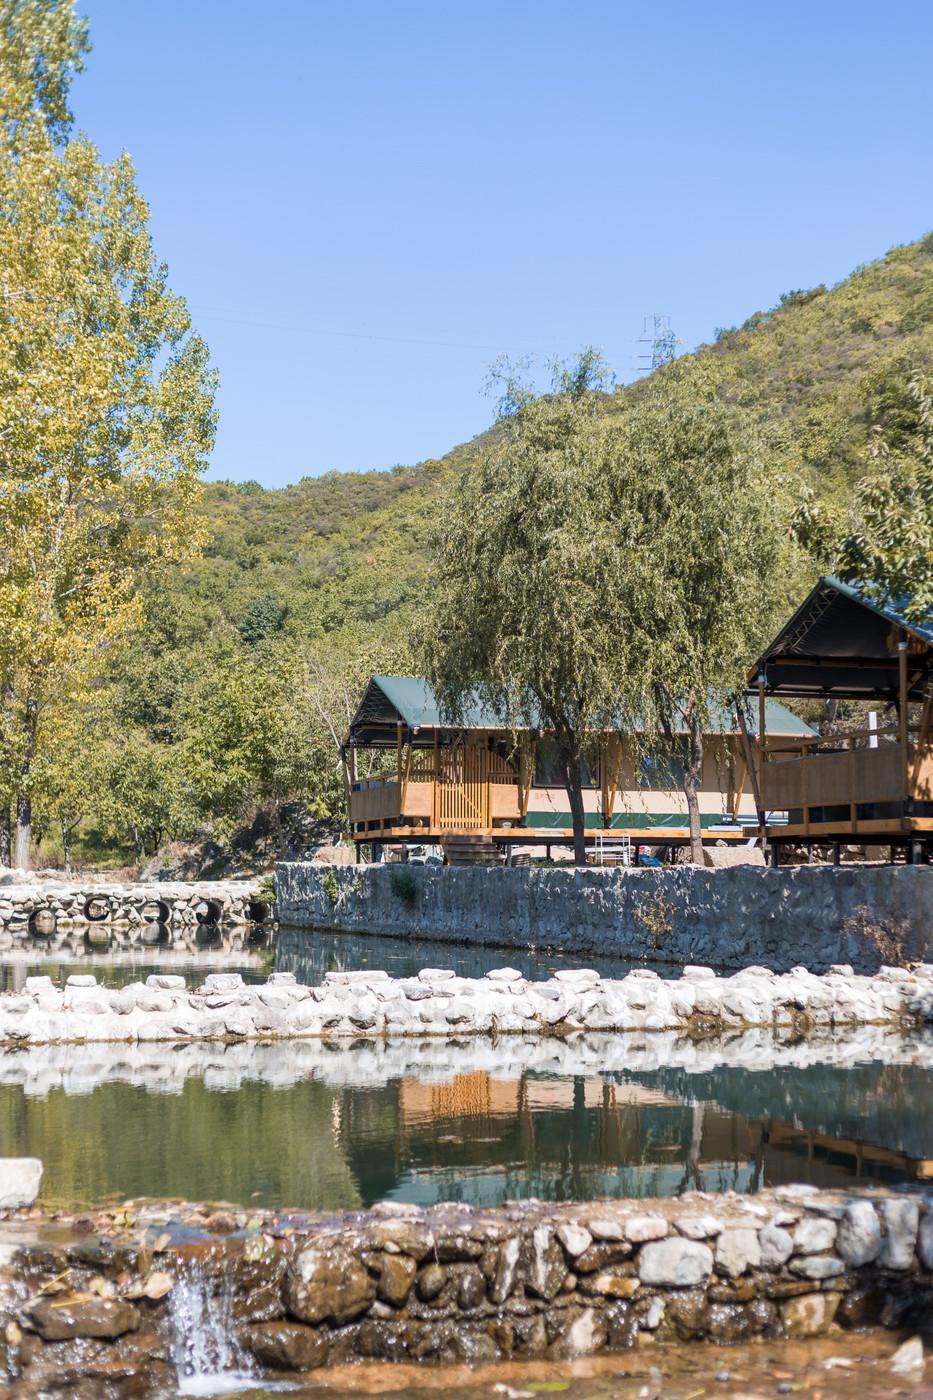 喜马拉雅野奢帐篷酒店一北京石头 剪刀 布一私享院子 54平山谷型  18